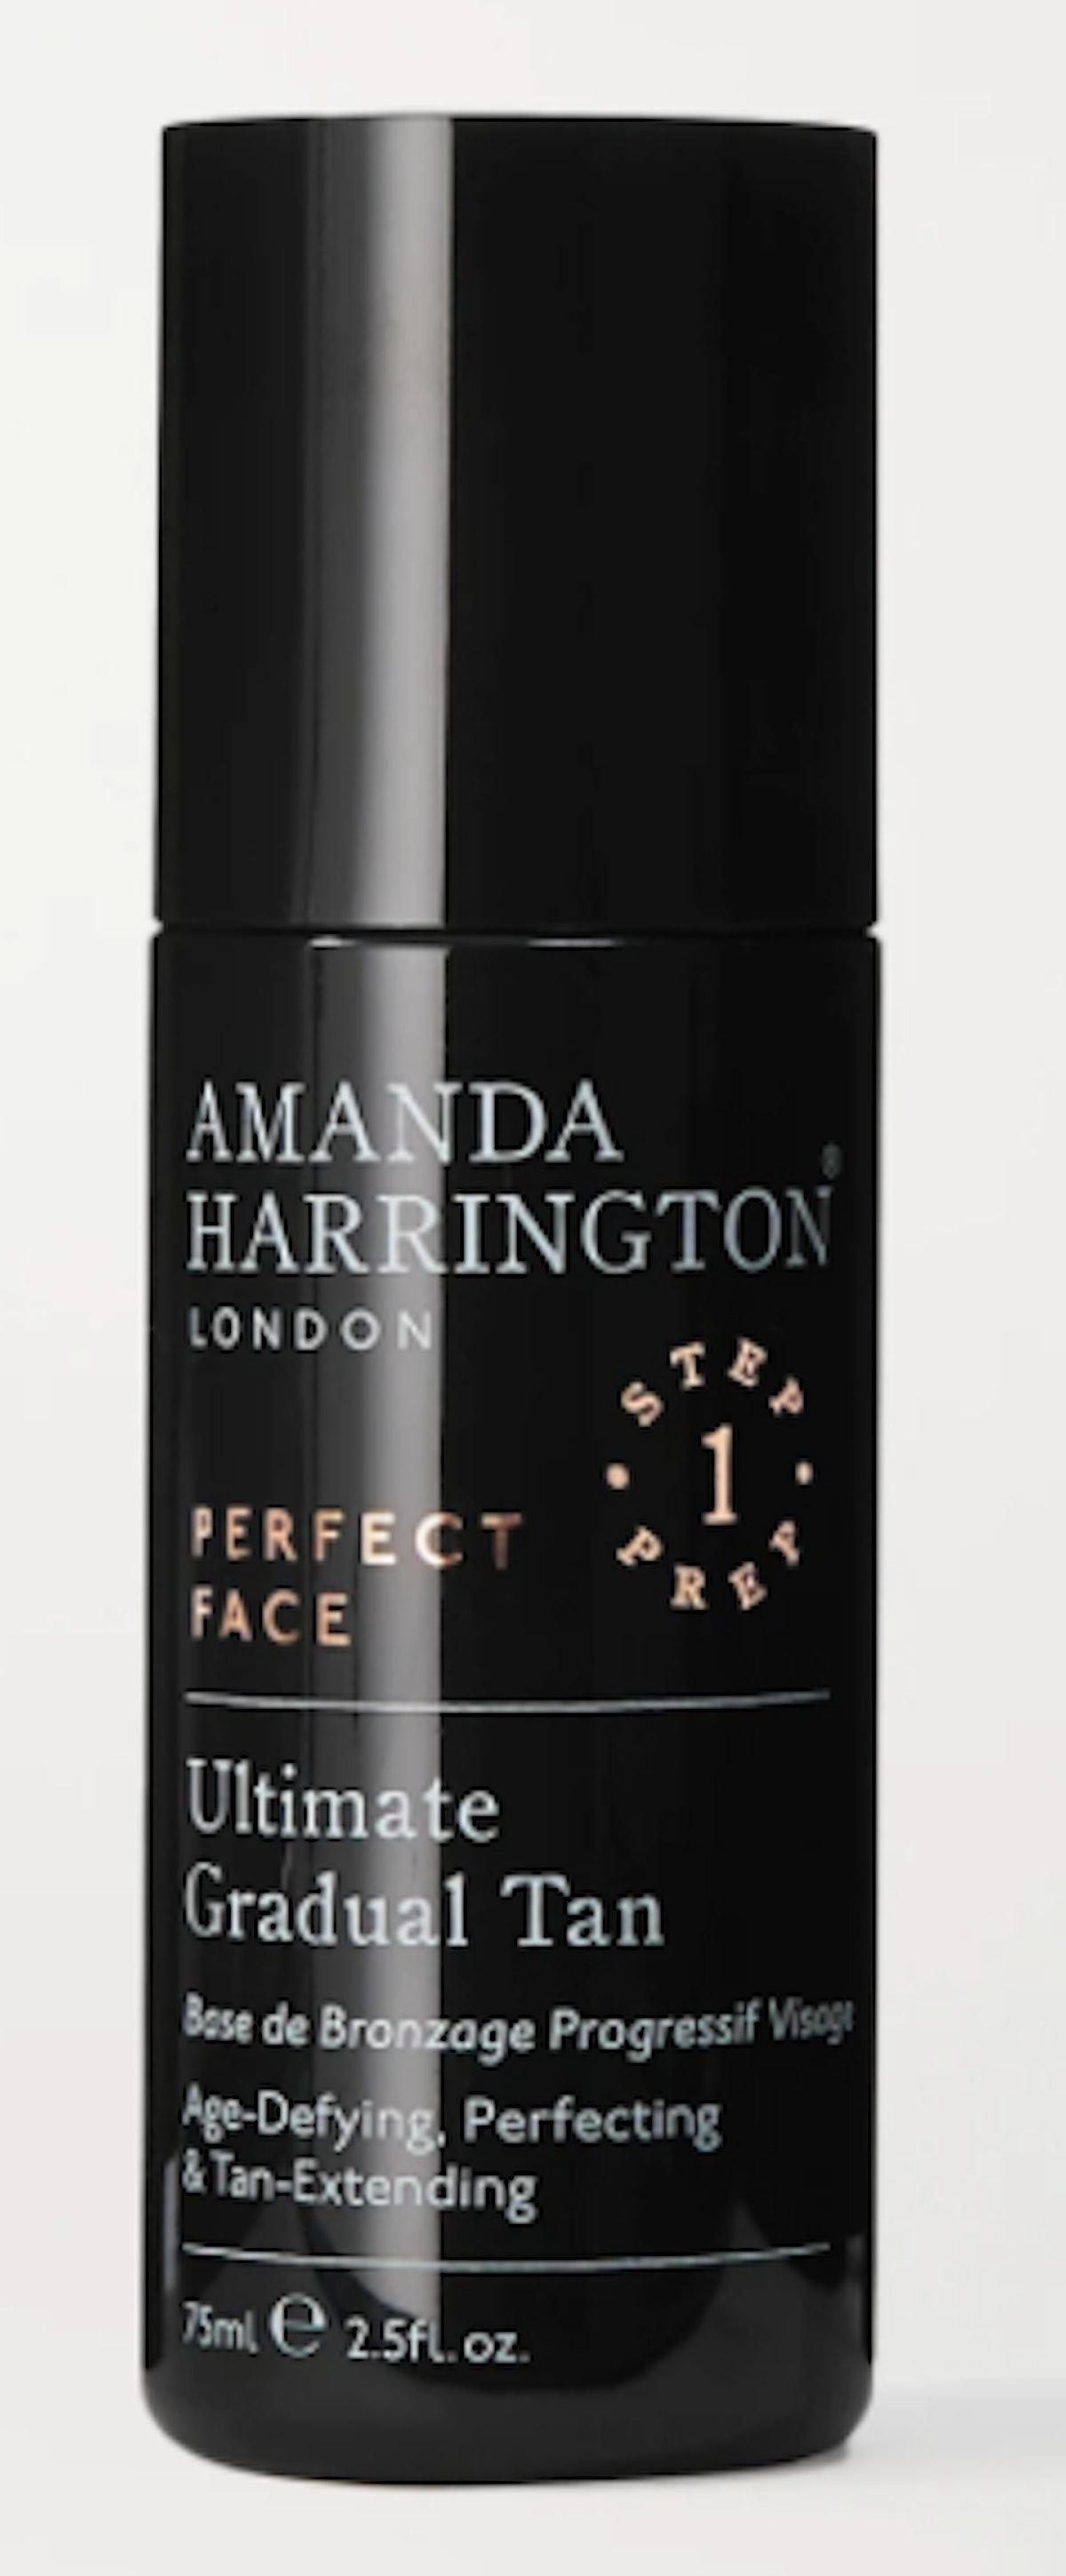 Perfect Face Ultimate Gradual Tan